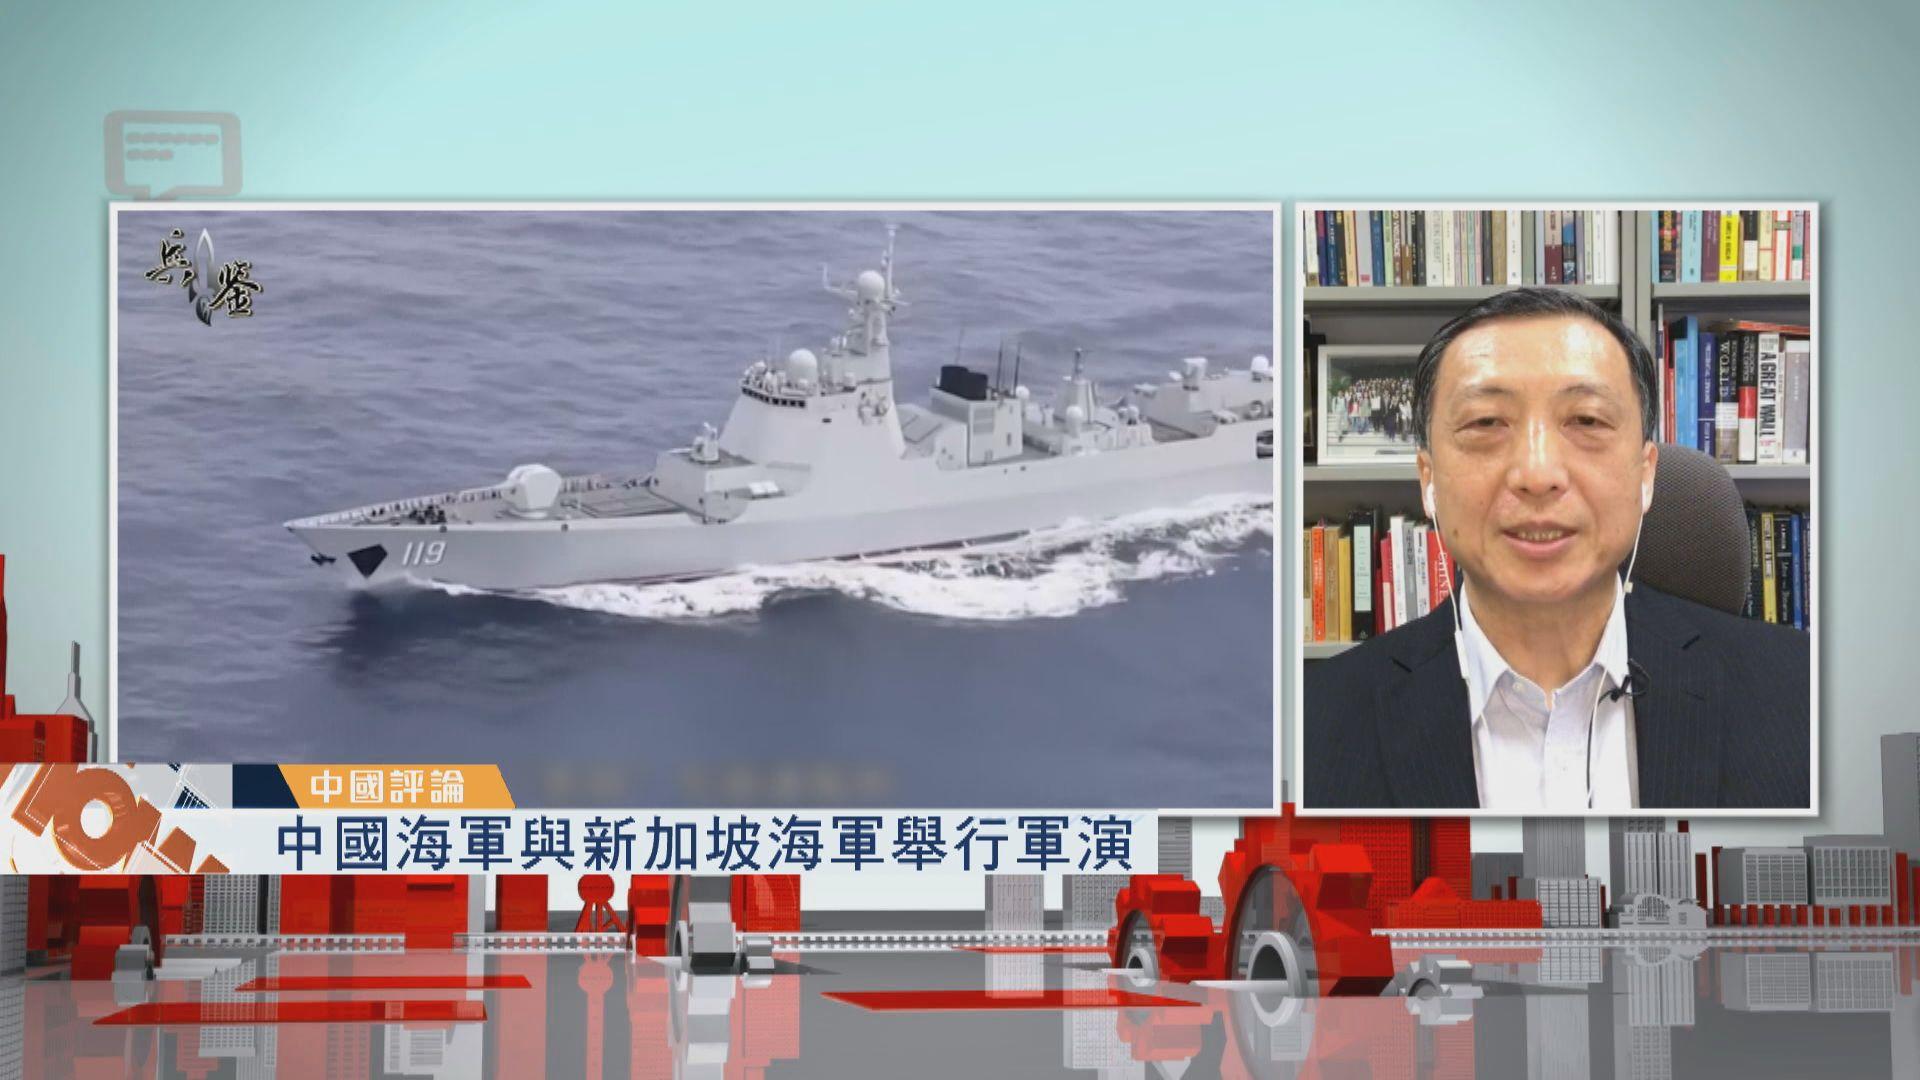 【中國評論】海軍聯合軍演/芯片研發生產